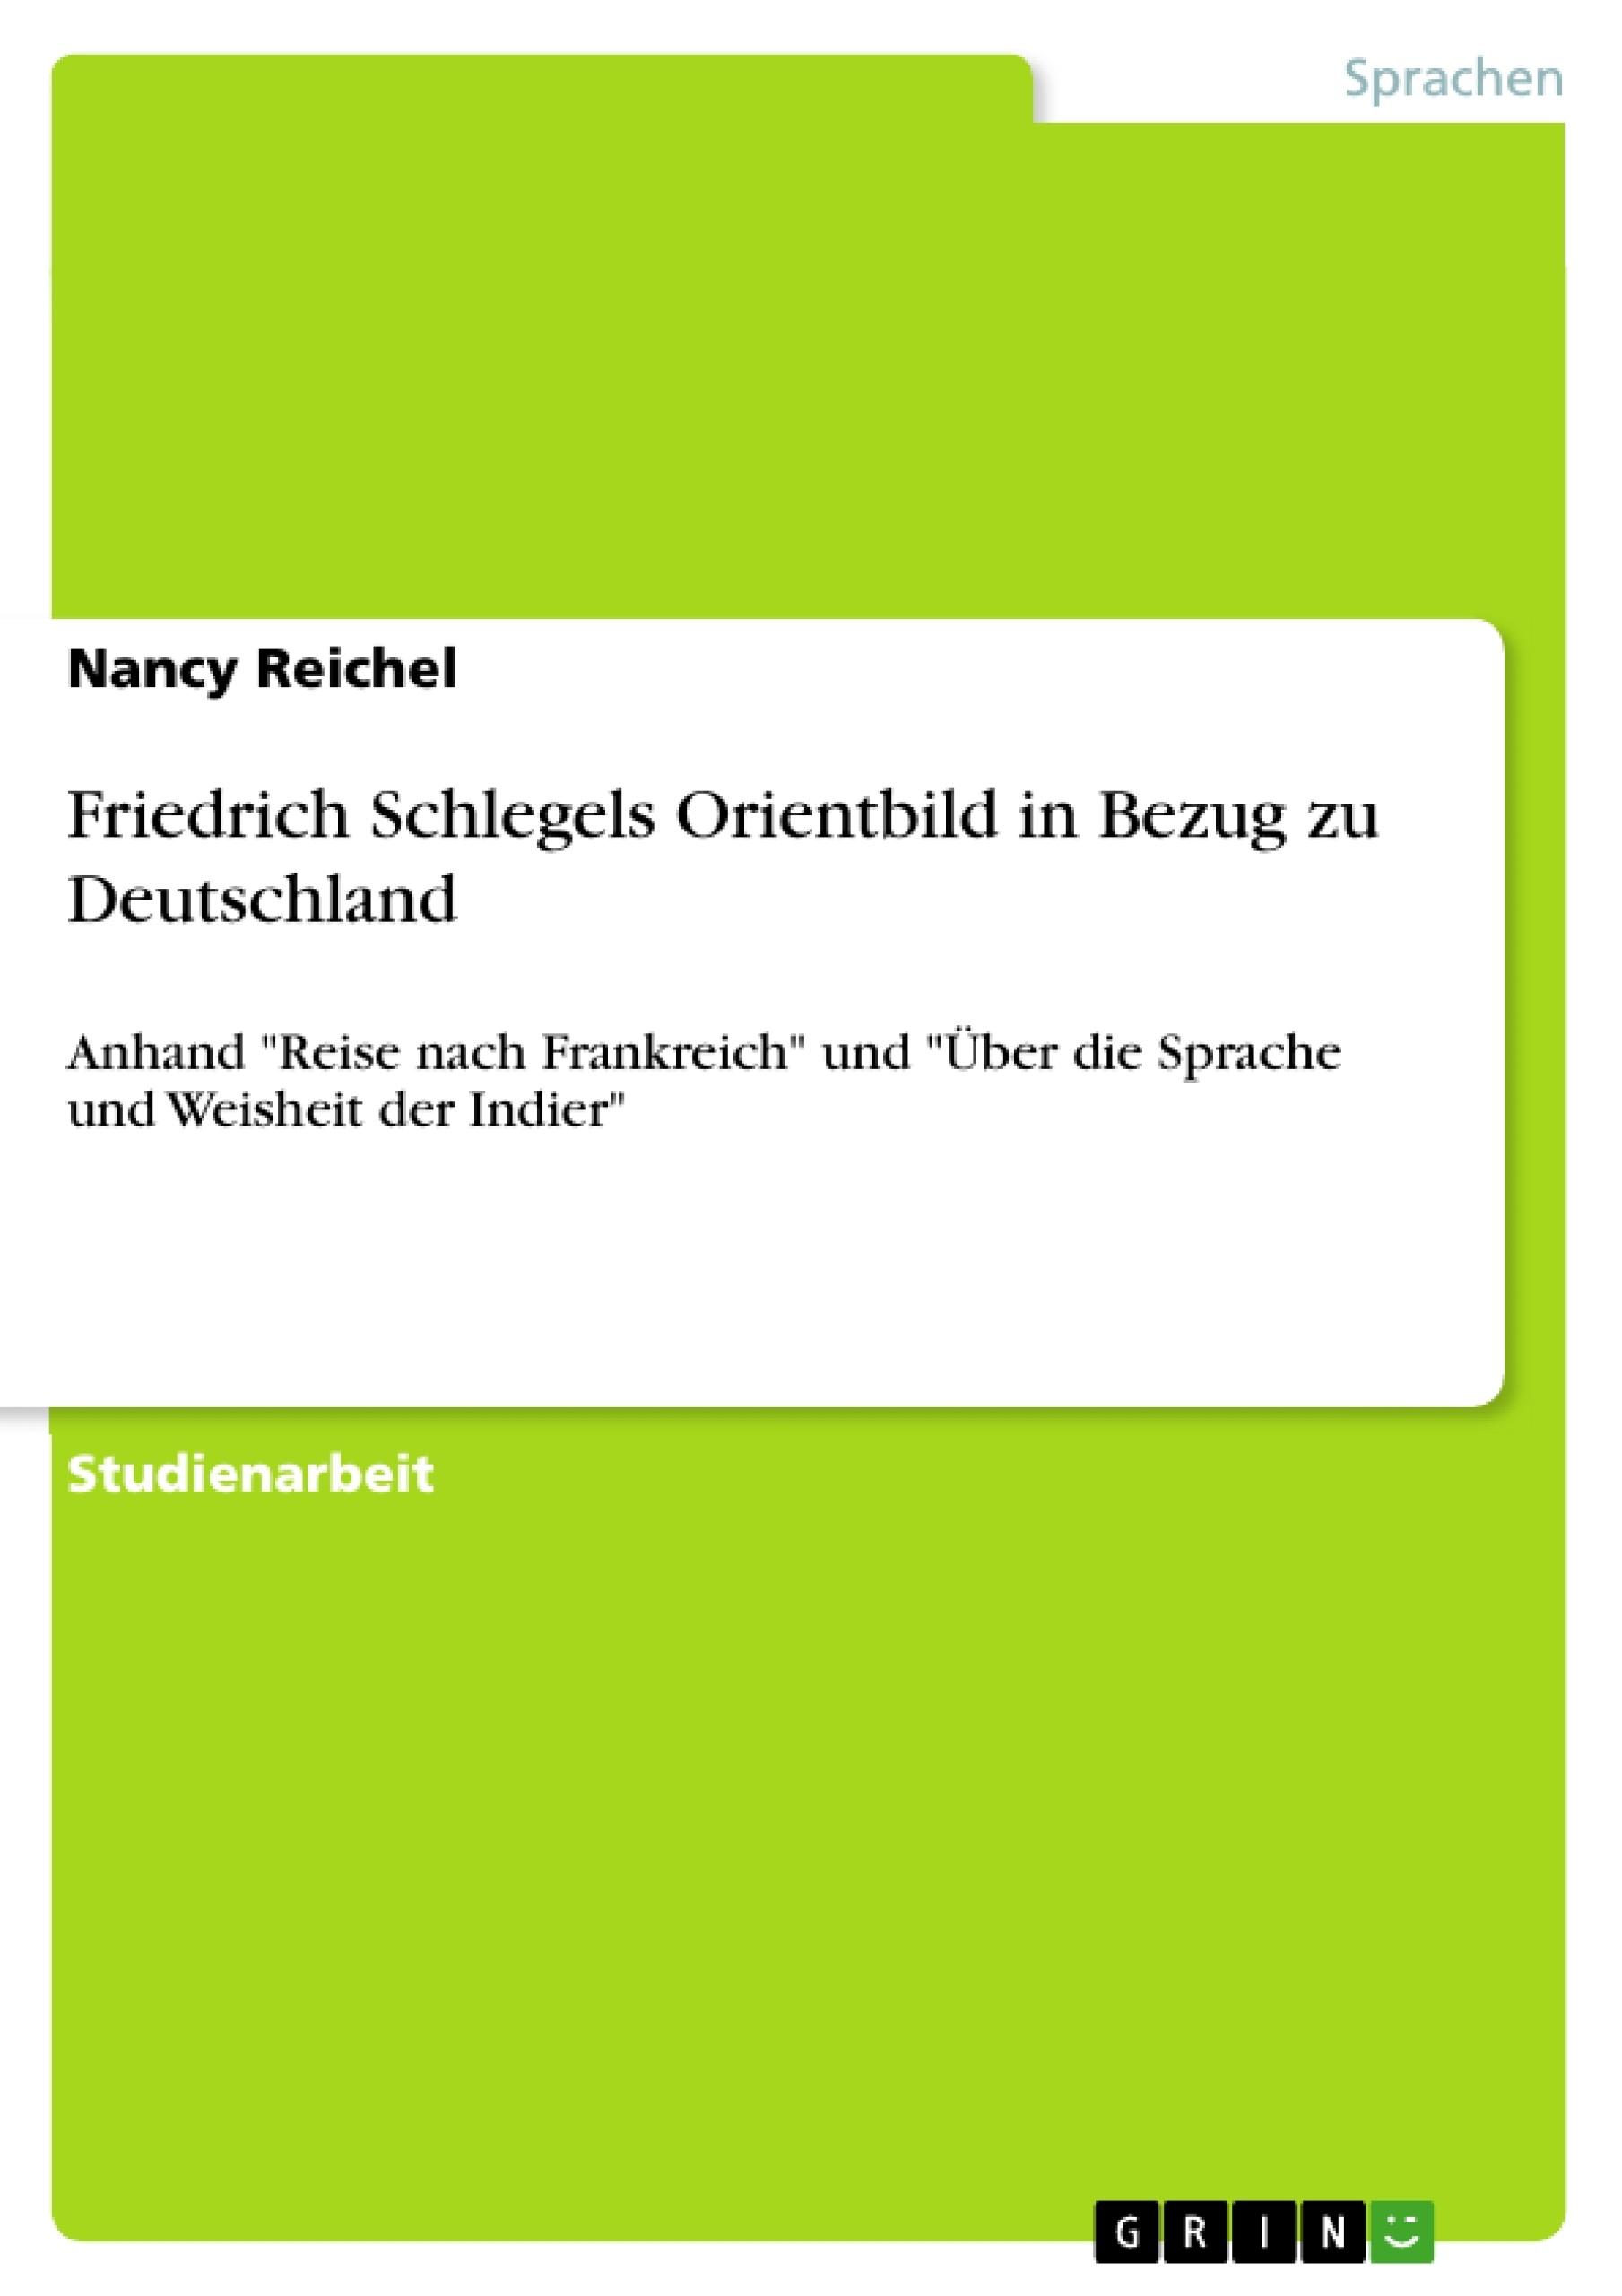 Titel: Friedrich Schlegels Orientbild in Bezug zu Deutschland